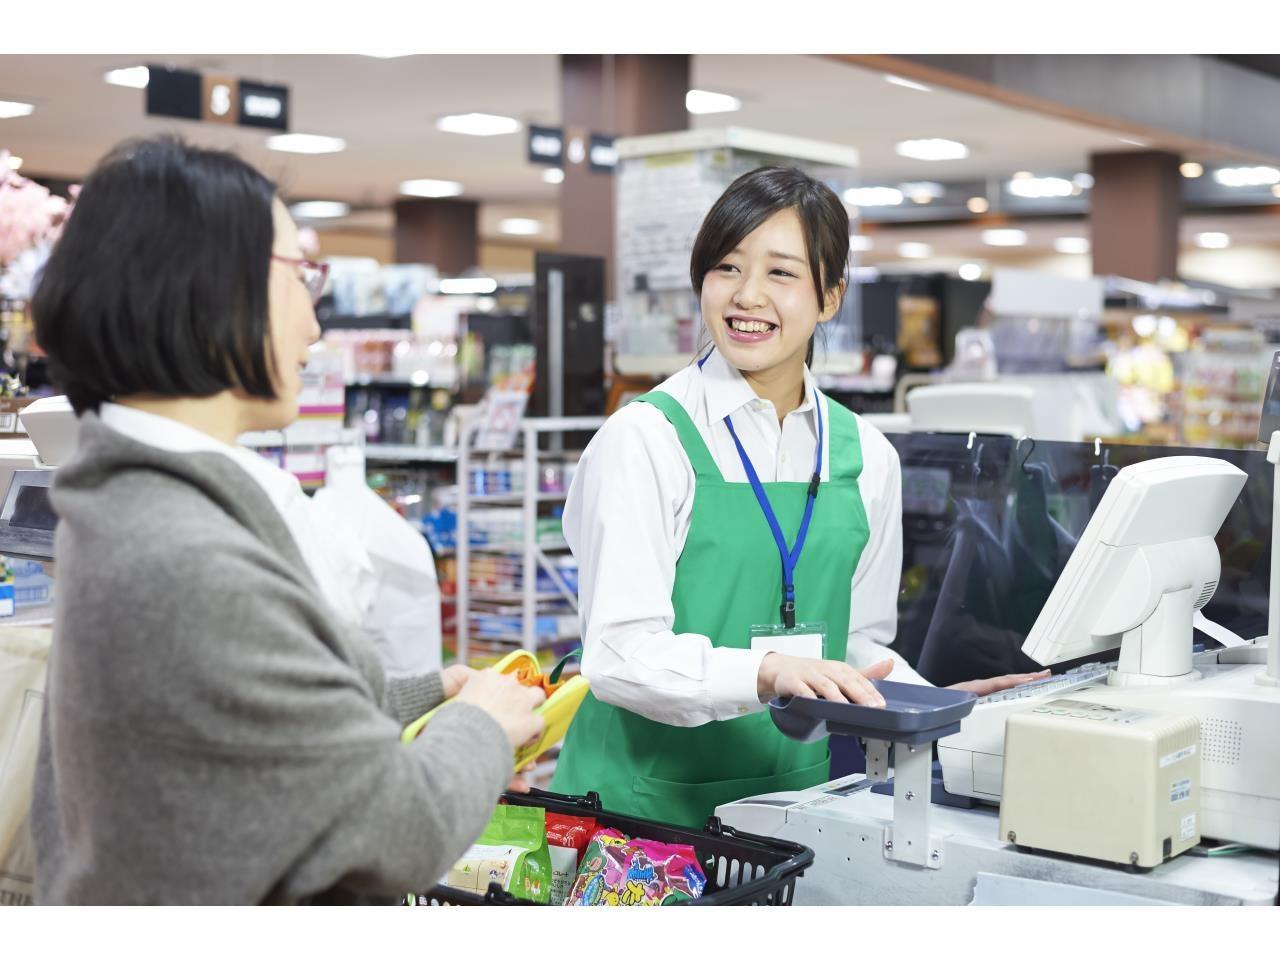 スーパーマーケットでの短時間夕勤レジスタッフ